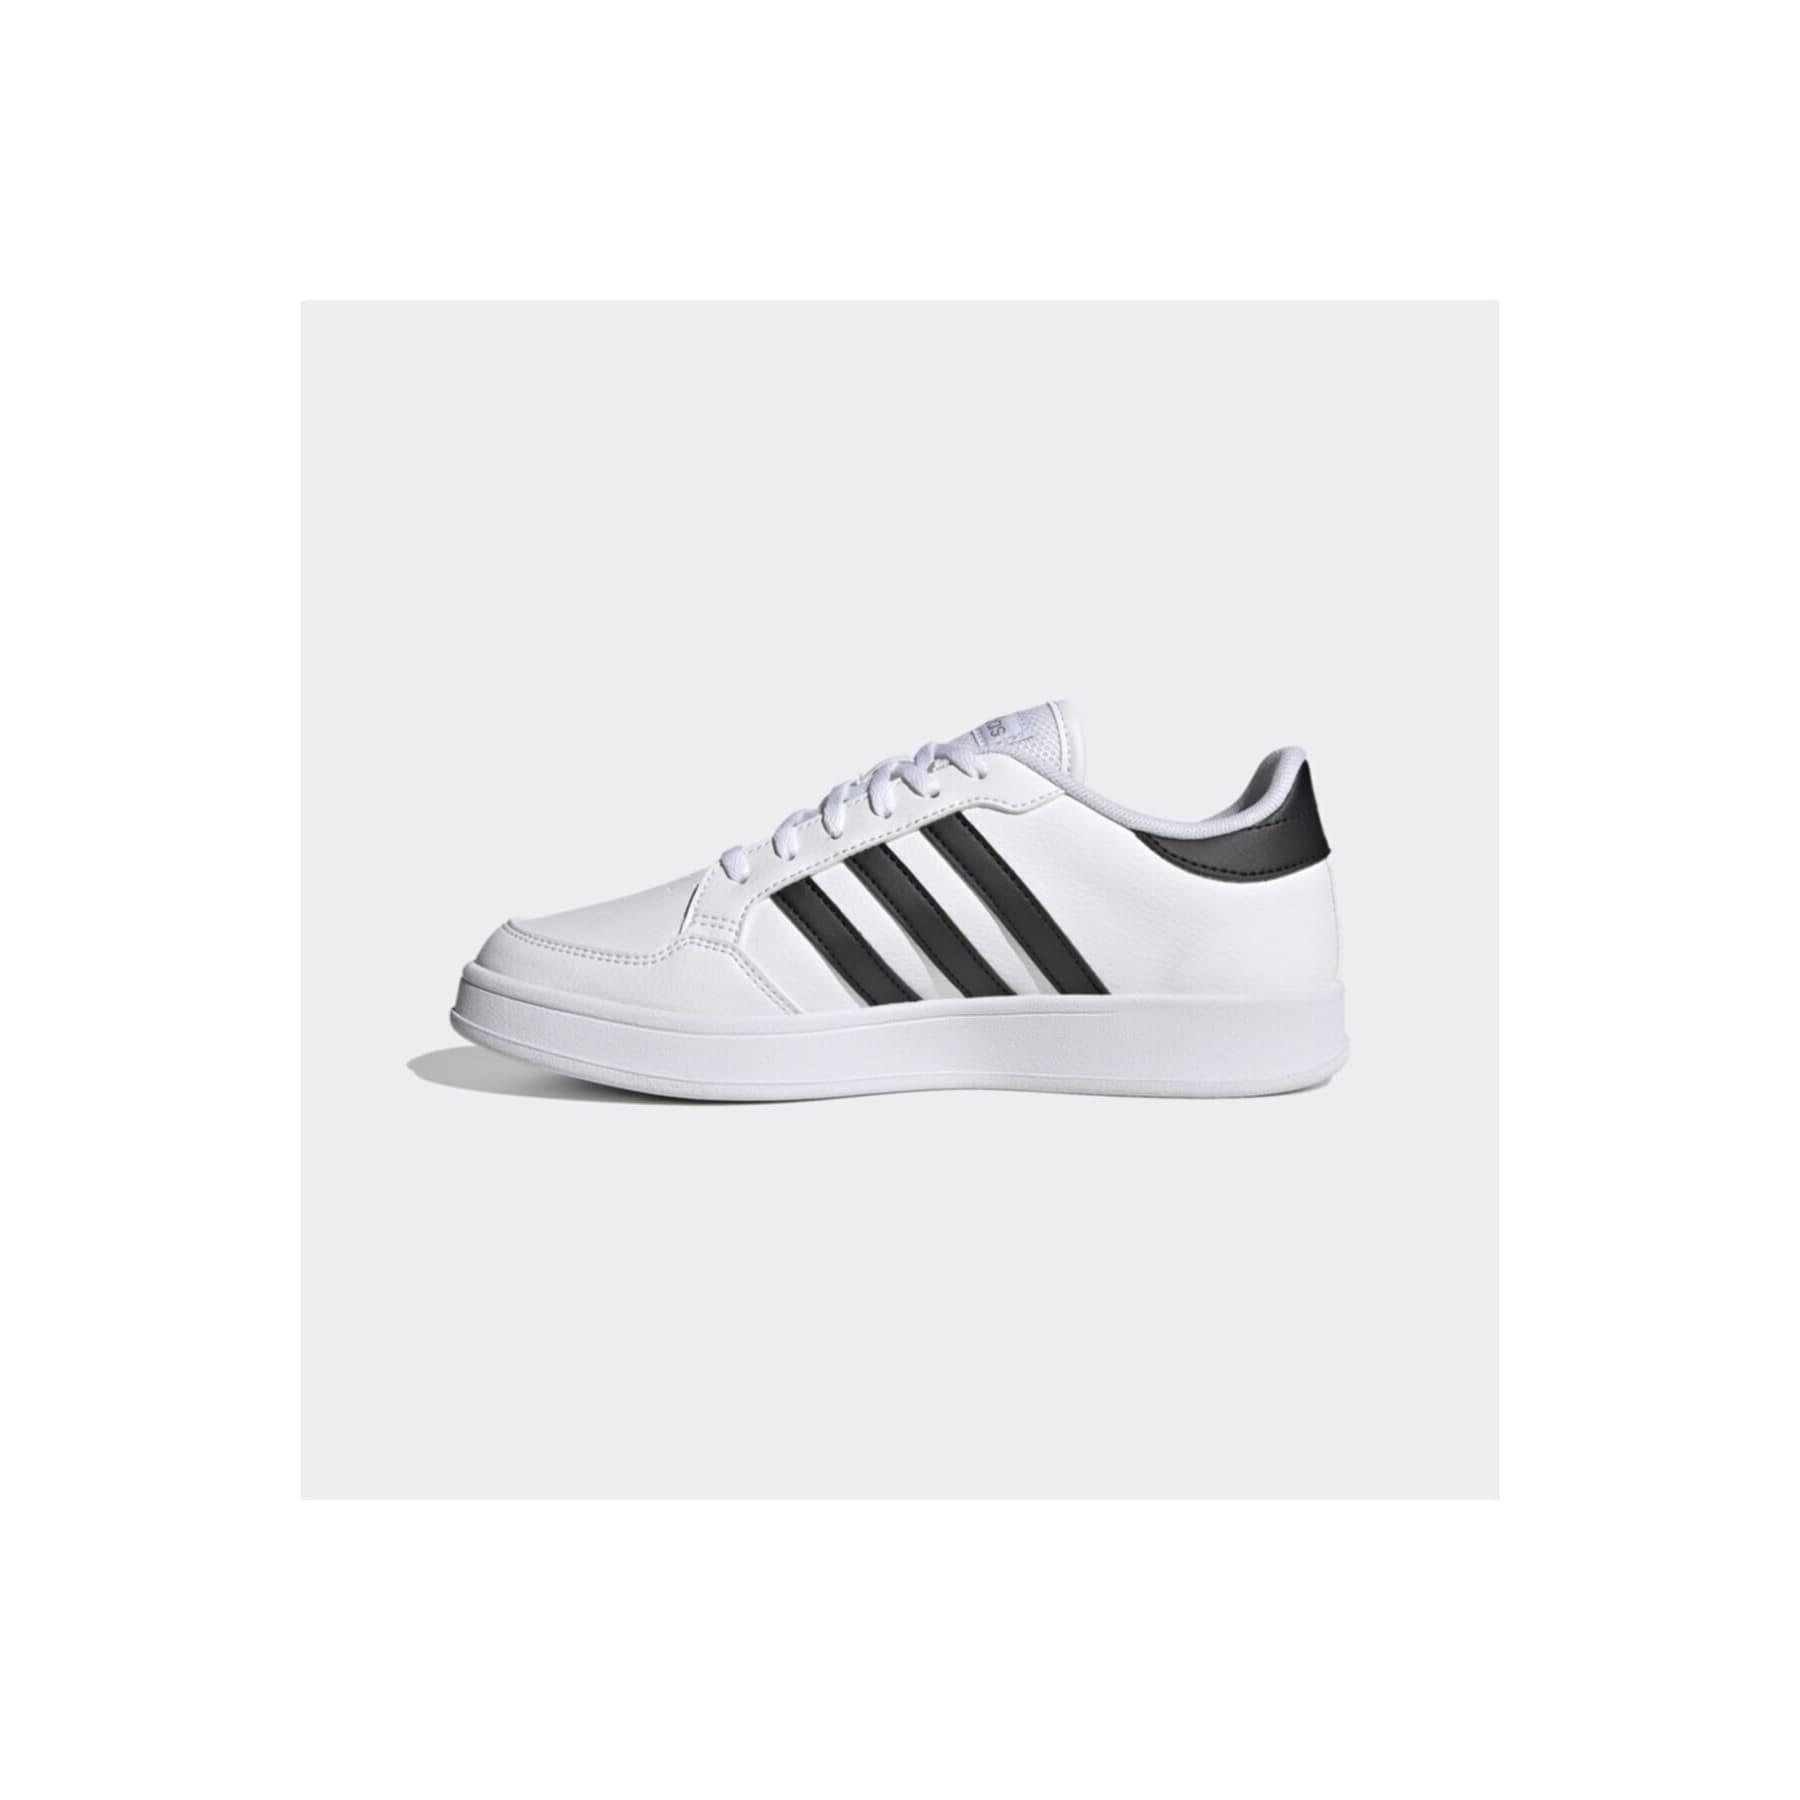 Breaknet Kadın Beyaz Spor Ayakkabı (FX8724)